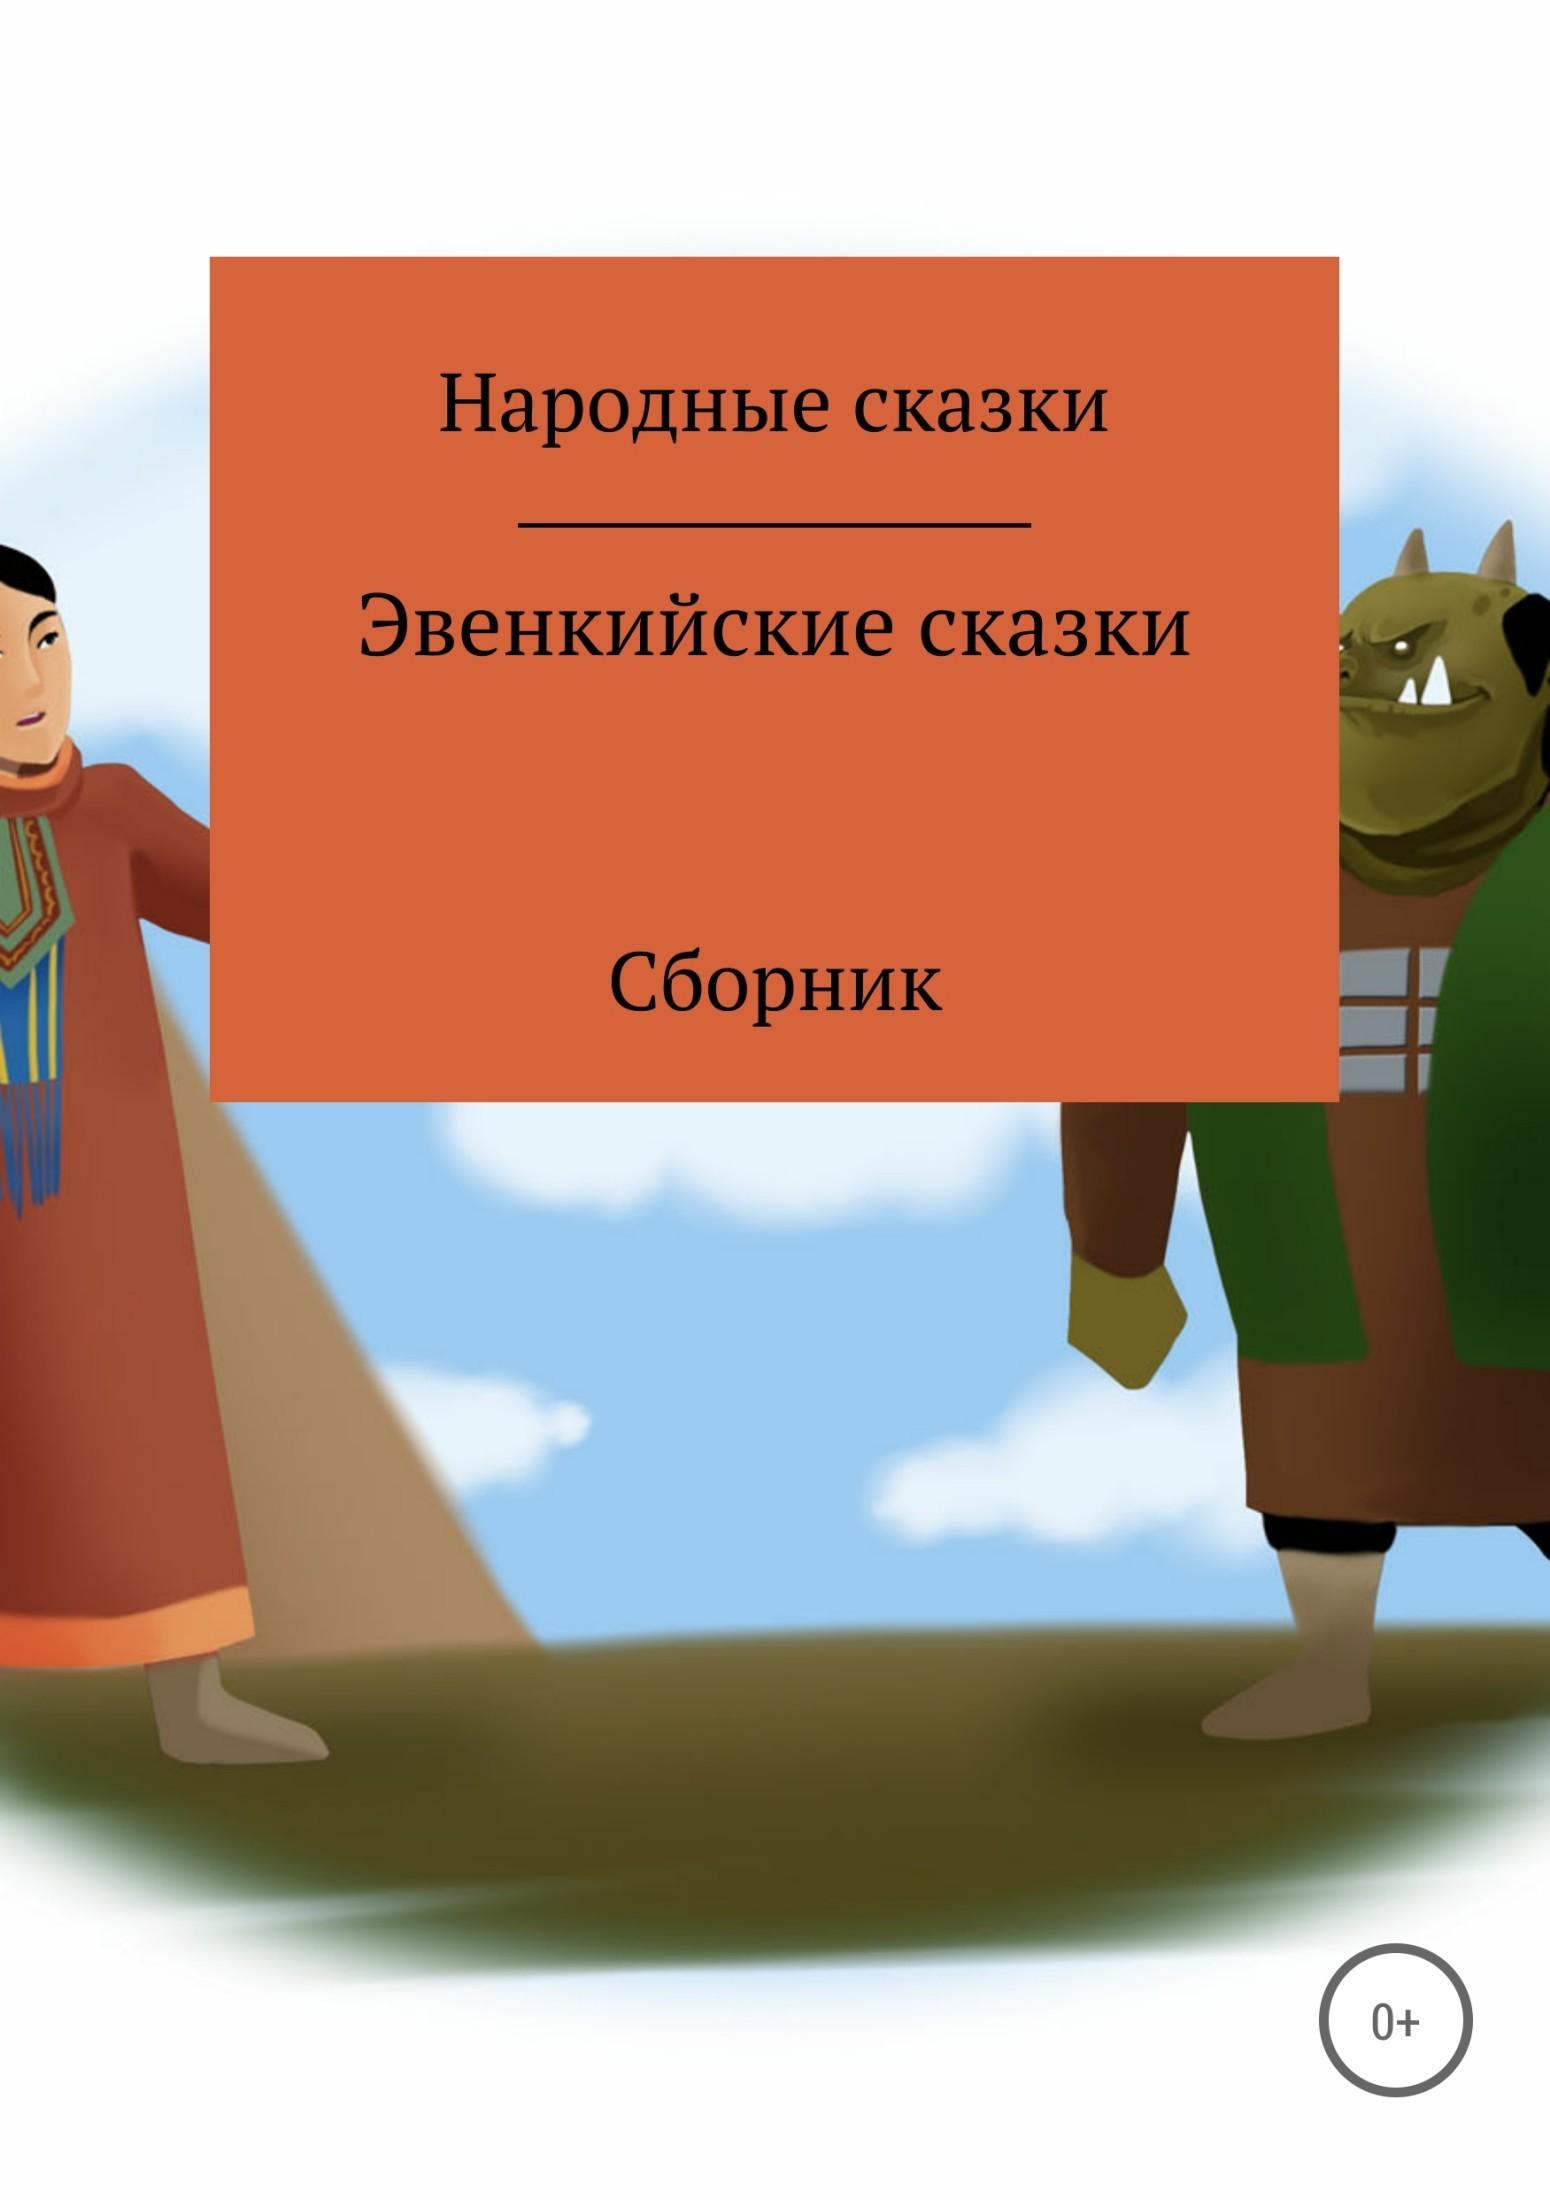 Народные Сказки Эвенкийские сказки. Сборник азбукварик золушка и другие сказки говорящие сказки